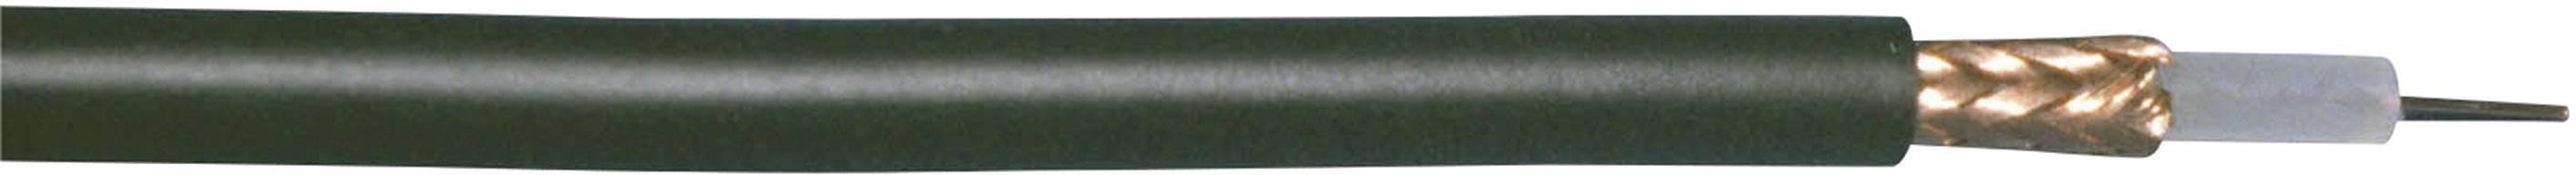 Koaxiální kabel Bedea RG58, 10840911 50 Ohm, černá, metrové zboží